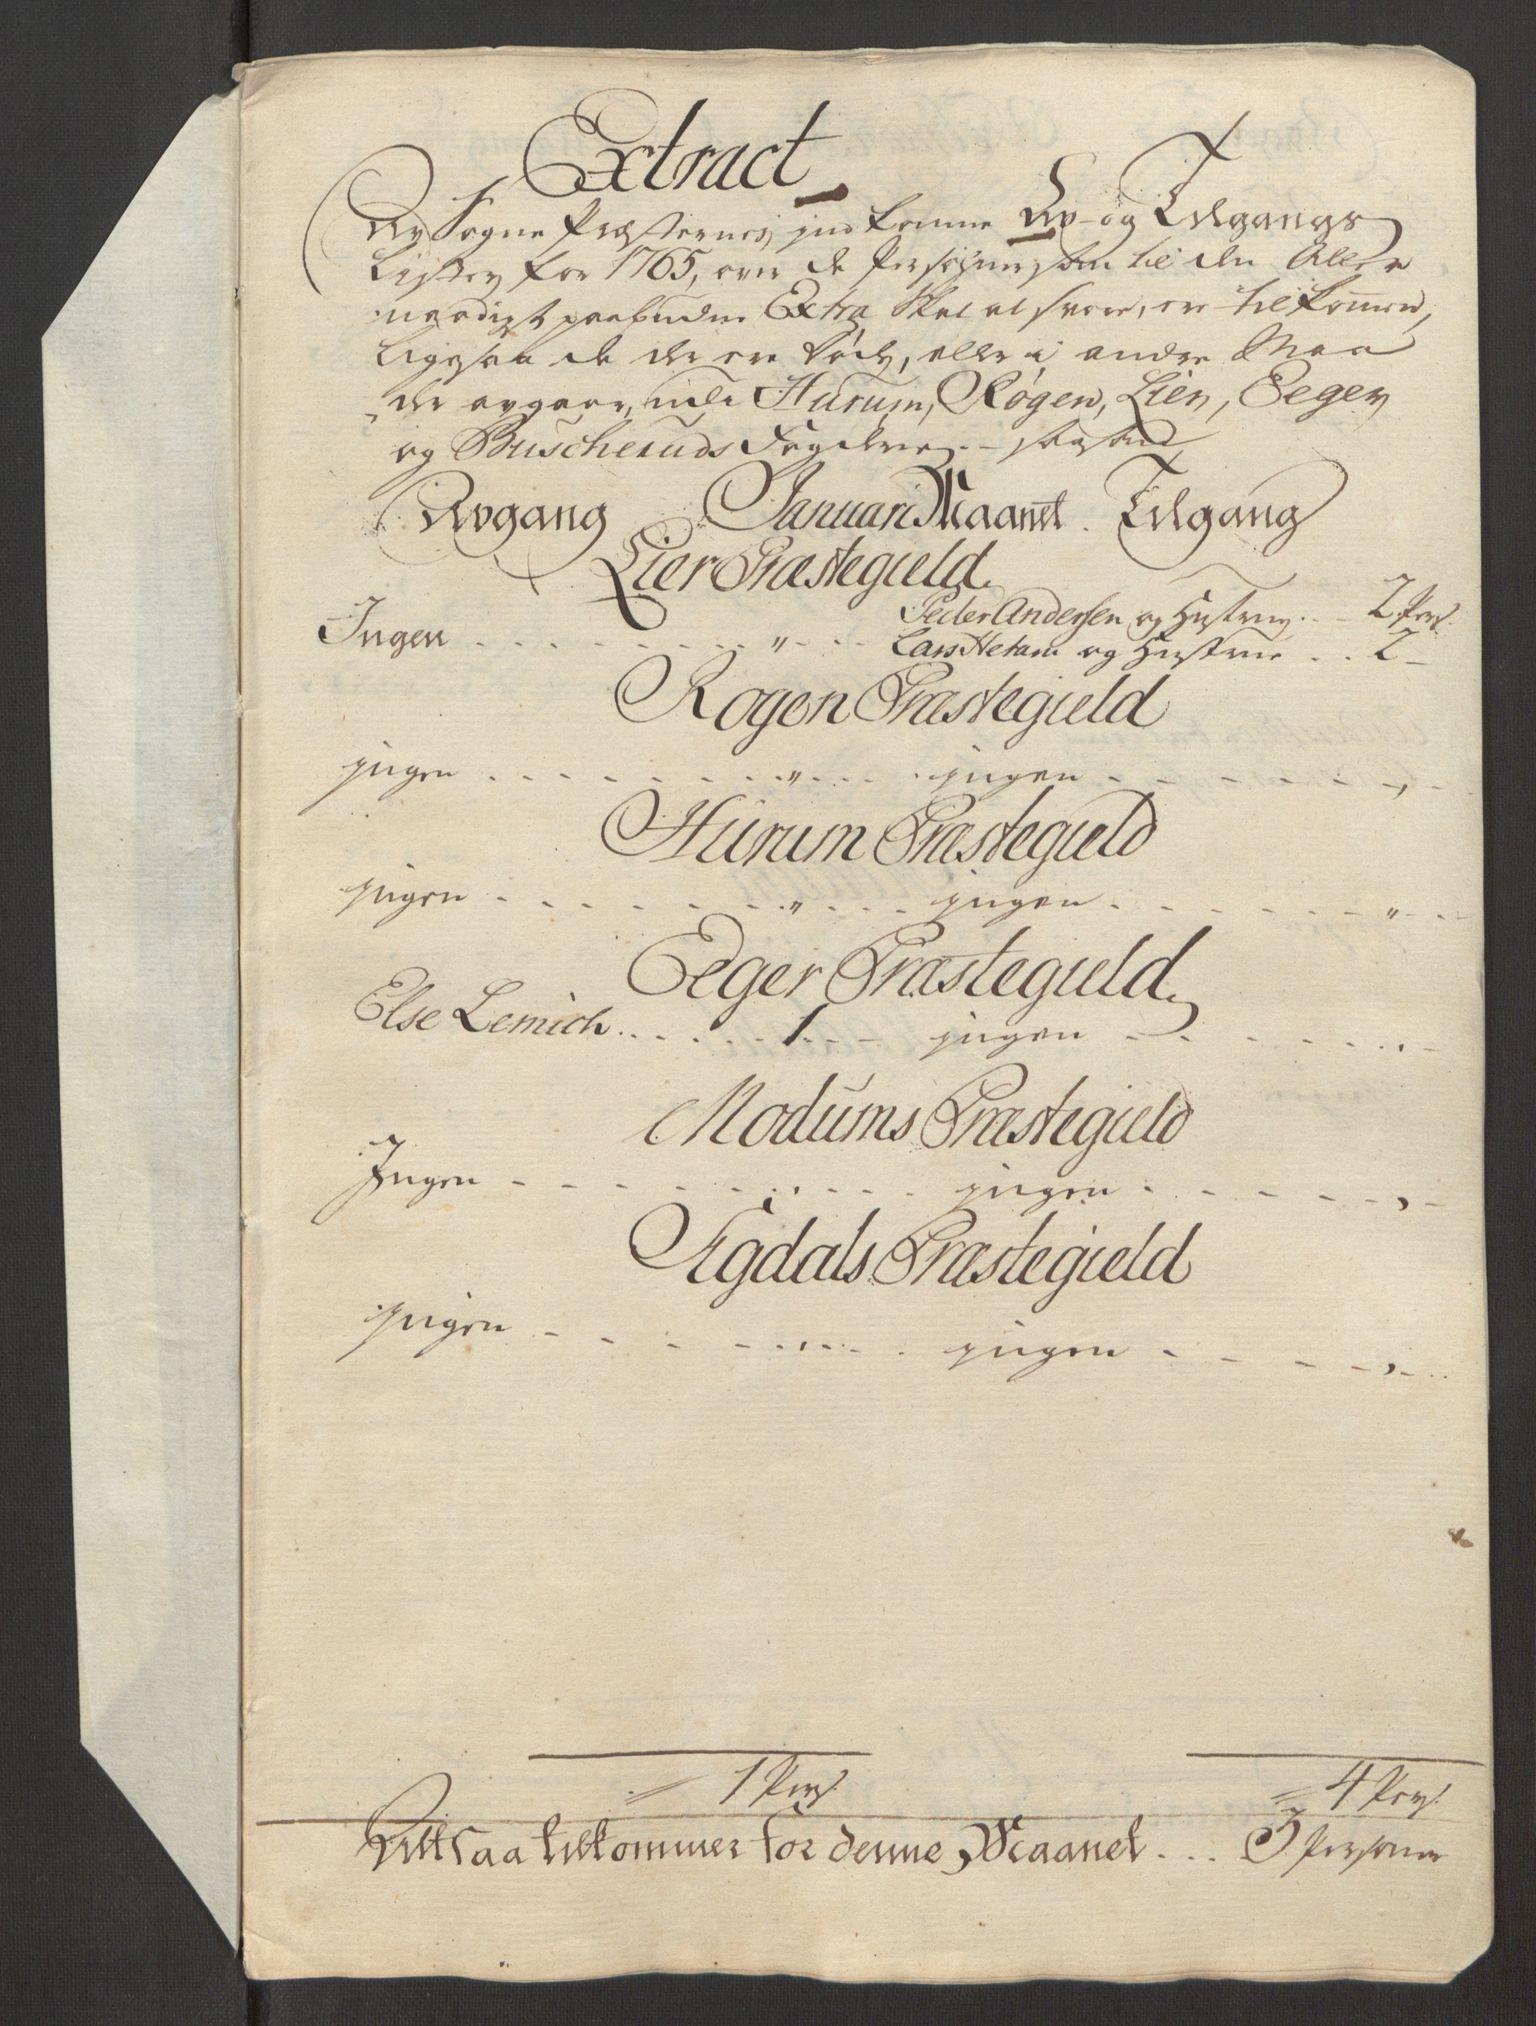 RA, Rentekammeret inntil 1814, Reviderte regnskaper, Fogderegnskap, R31/L1834: Ekstraskatten Hurum, Røyken, Eiker, Lier og Buskerud, 1765, s. 456